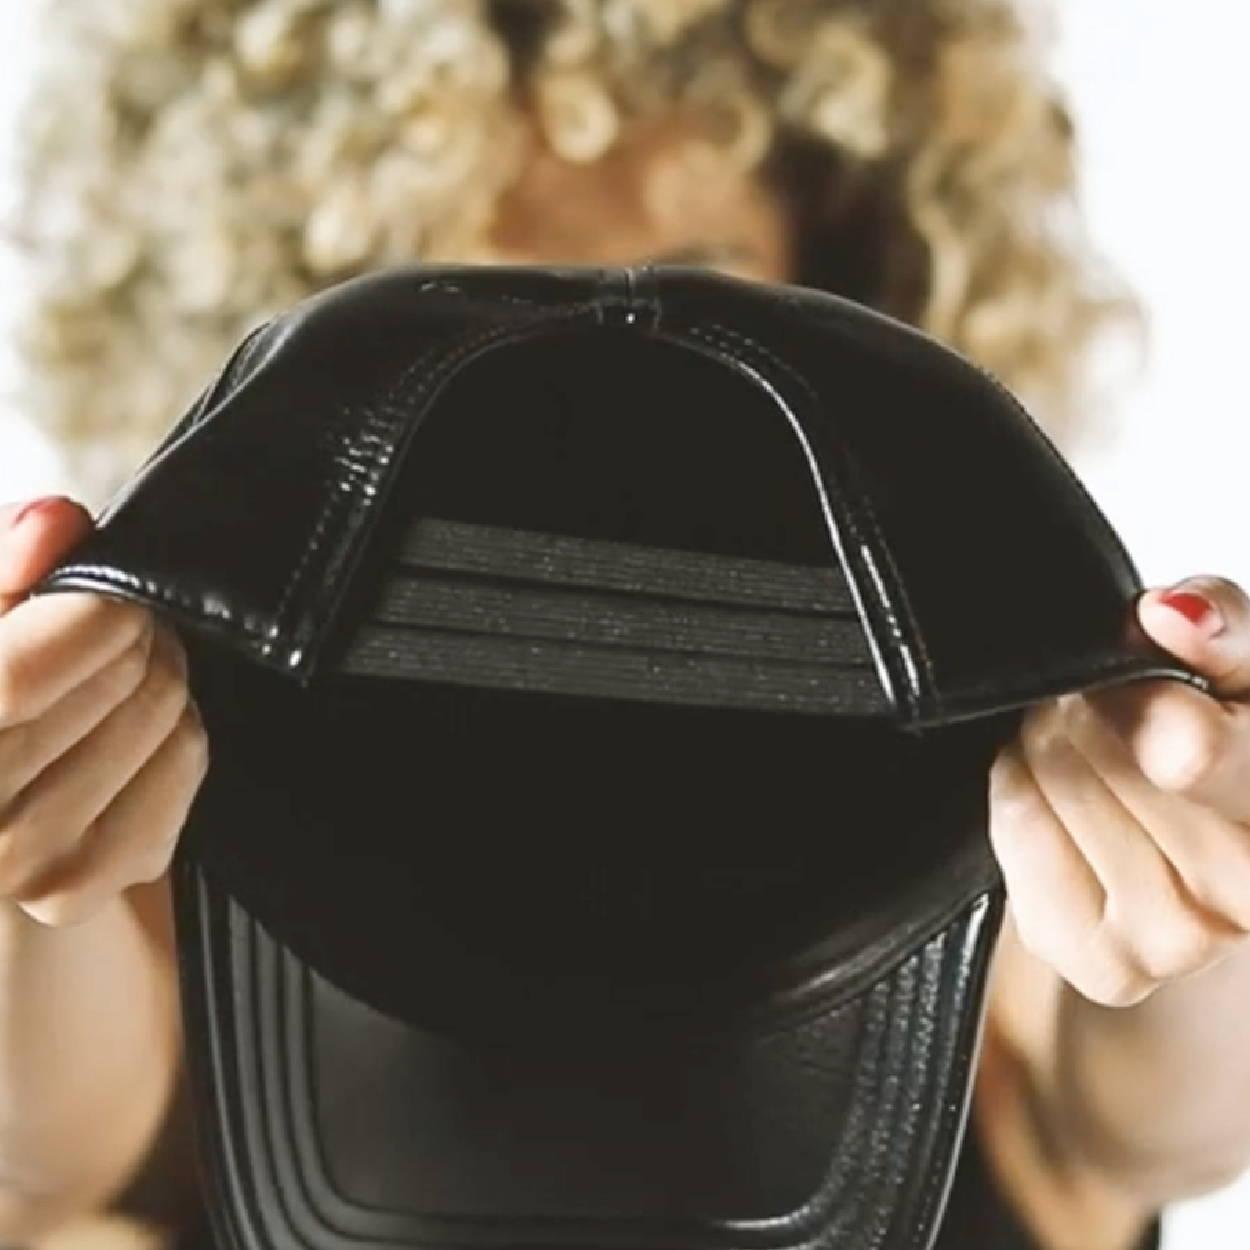 workout hat, slapcap, satinlinedcaps, the slap cap